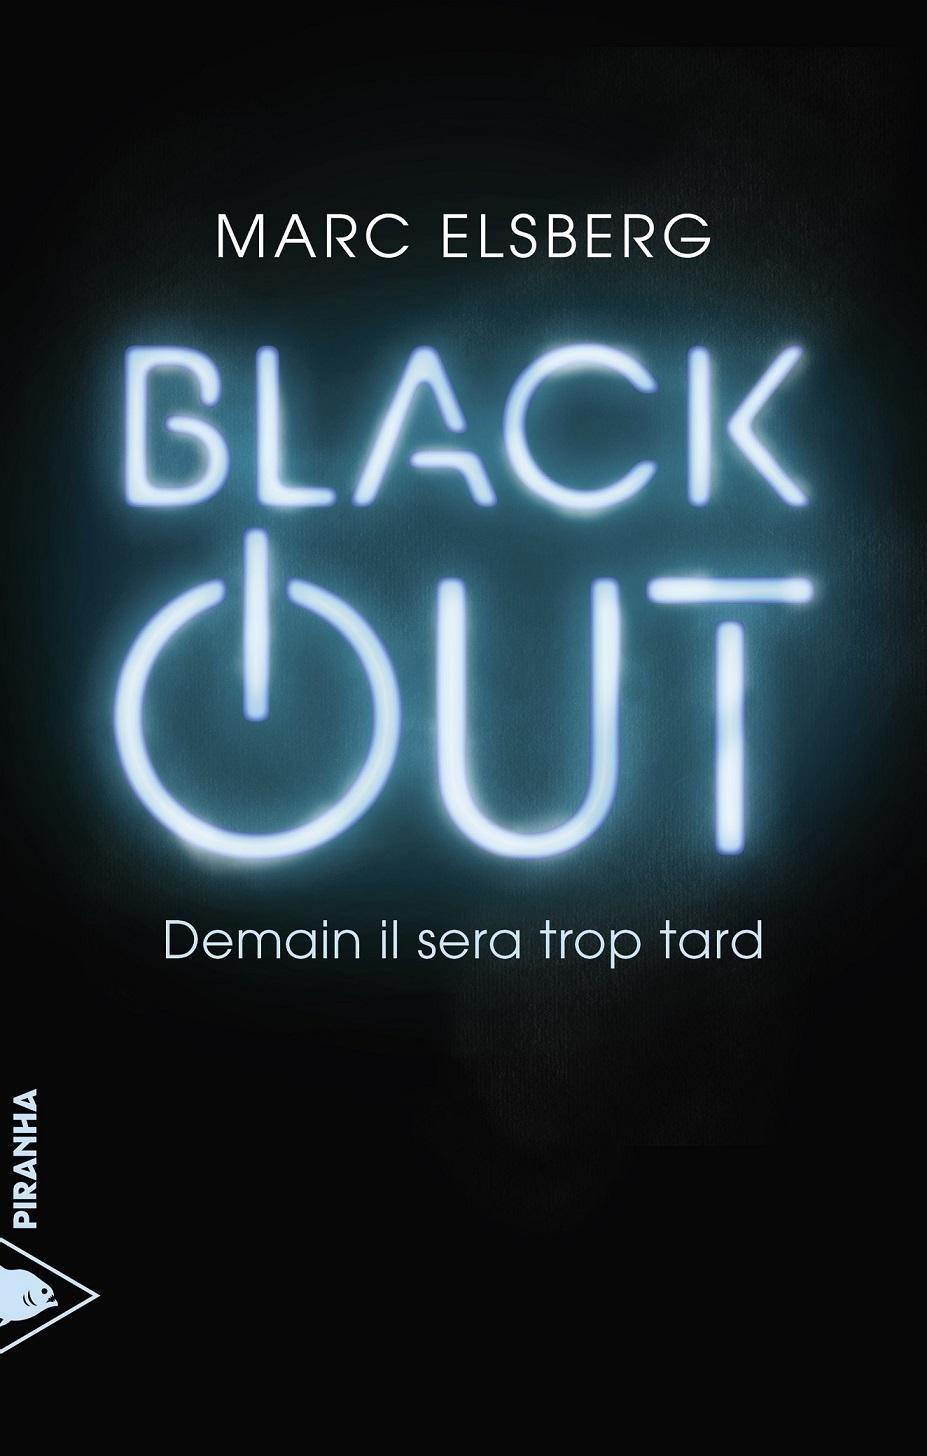 images reading melsberg blackout